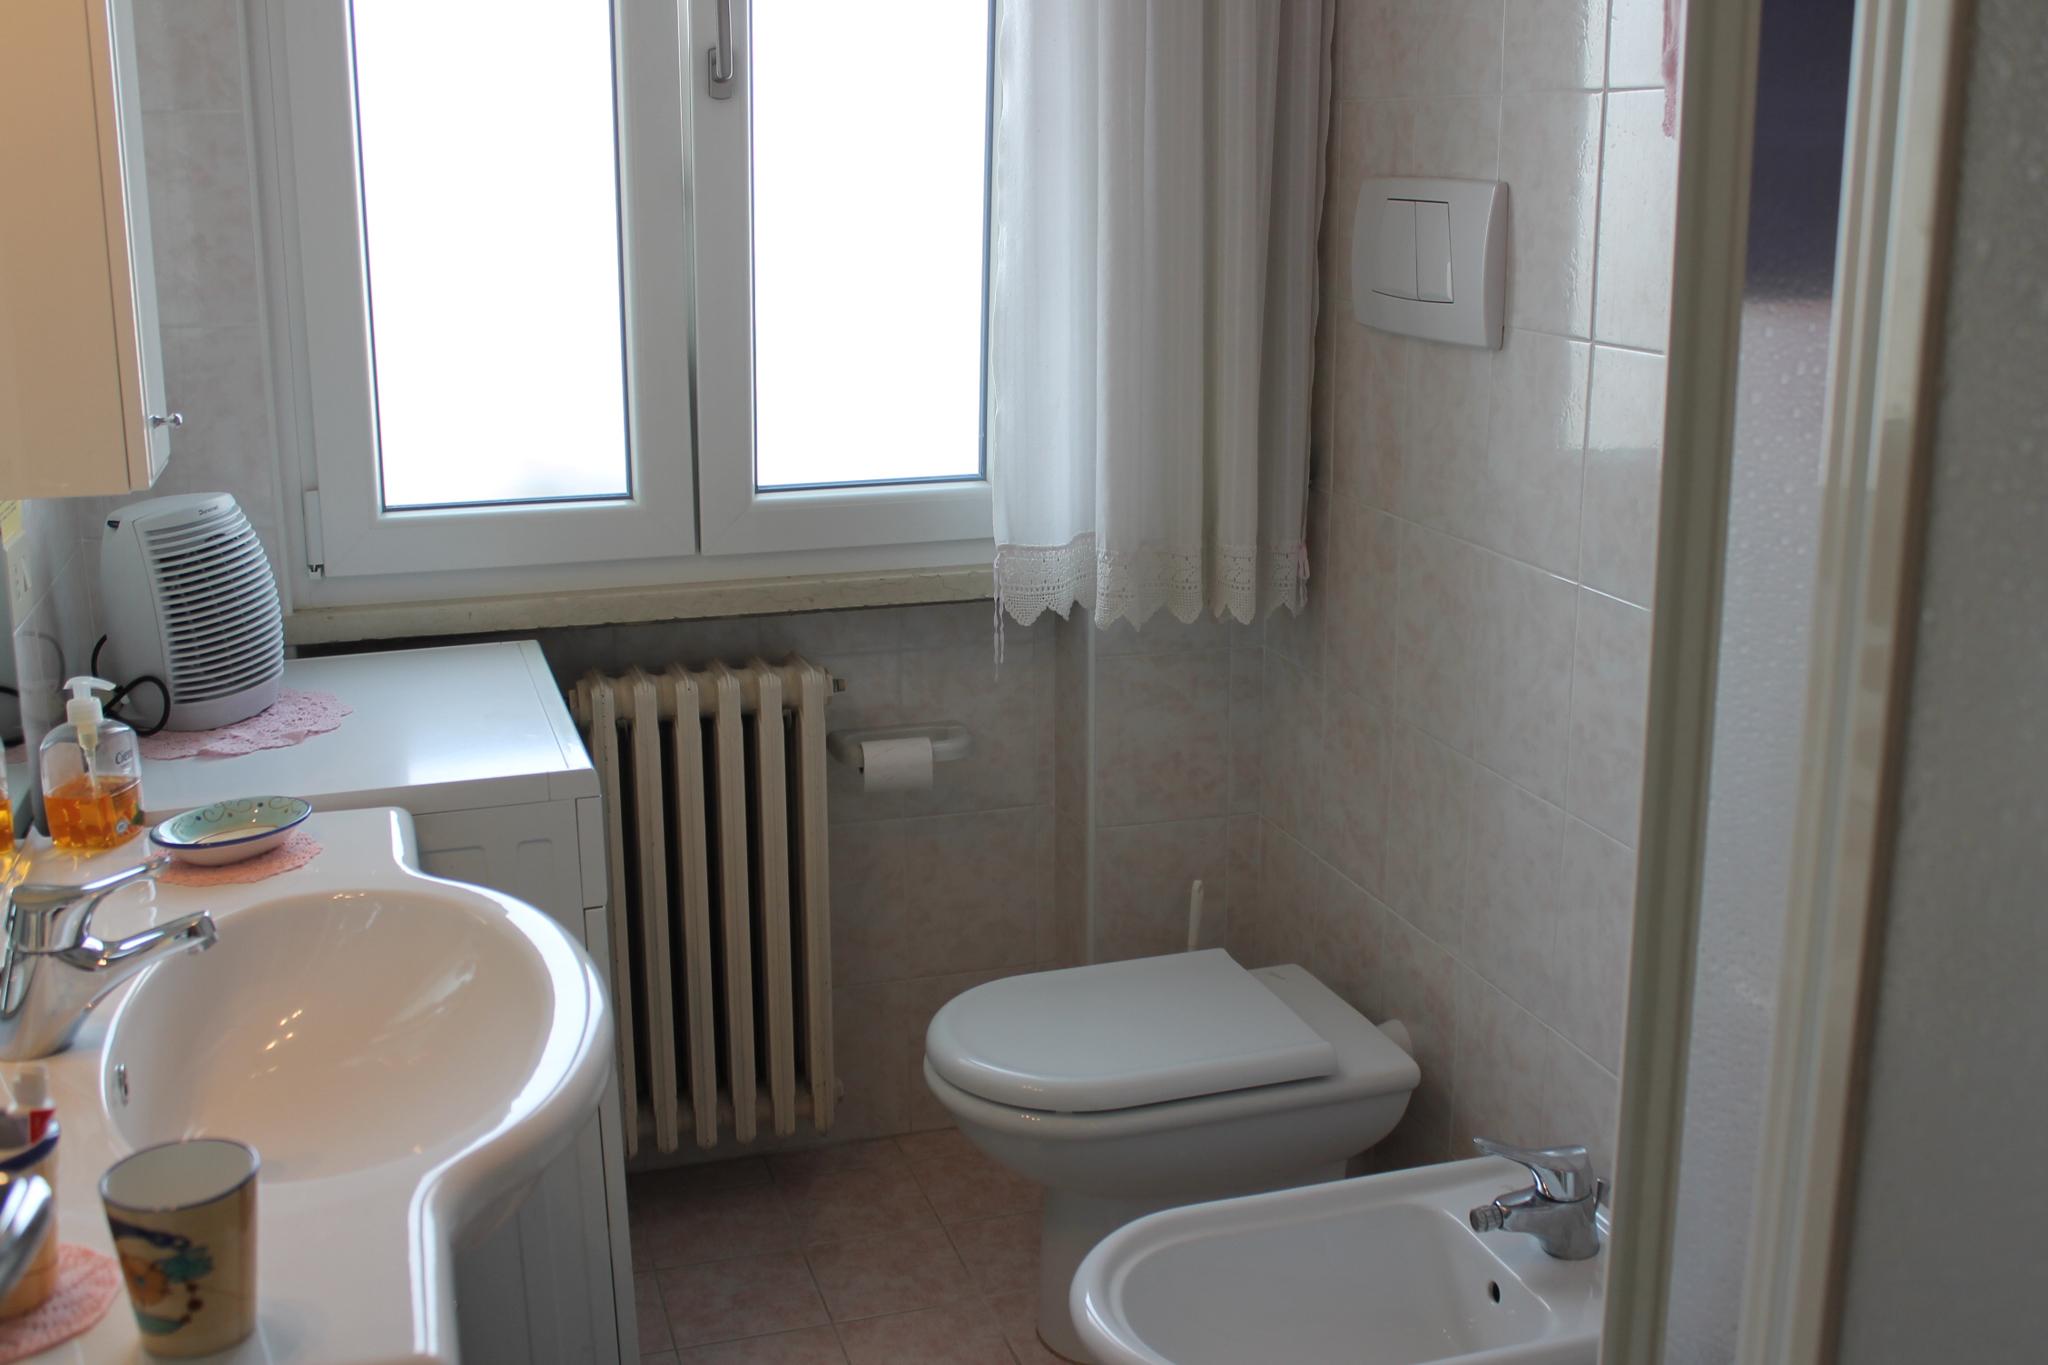 Ferienwohnung con balcone (488627), Lazise, Gardasee, Venetien, Italien, Bild 18